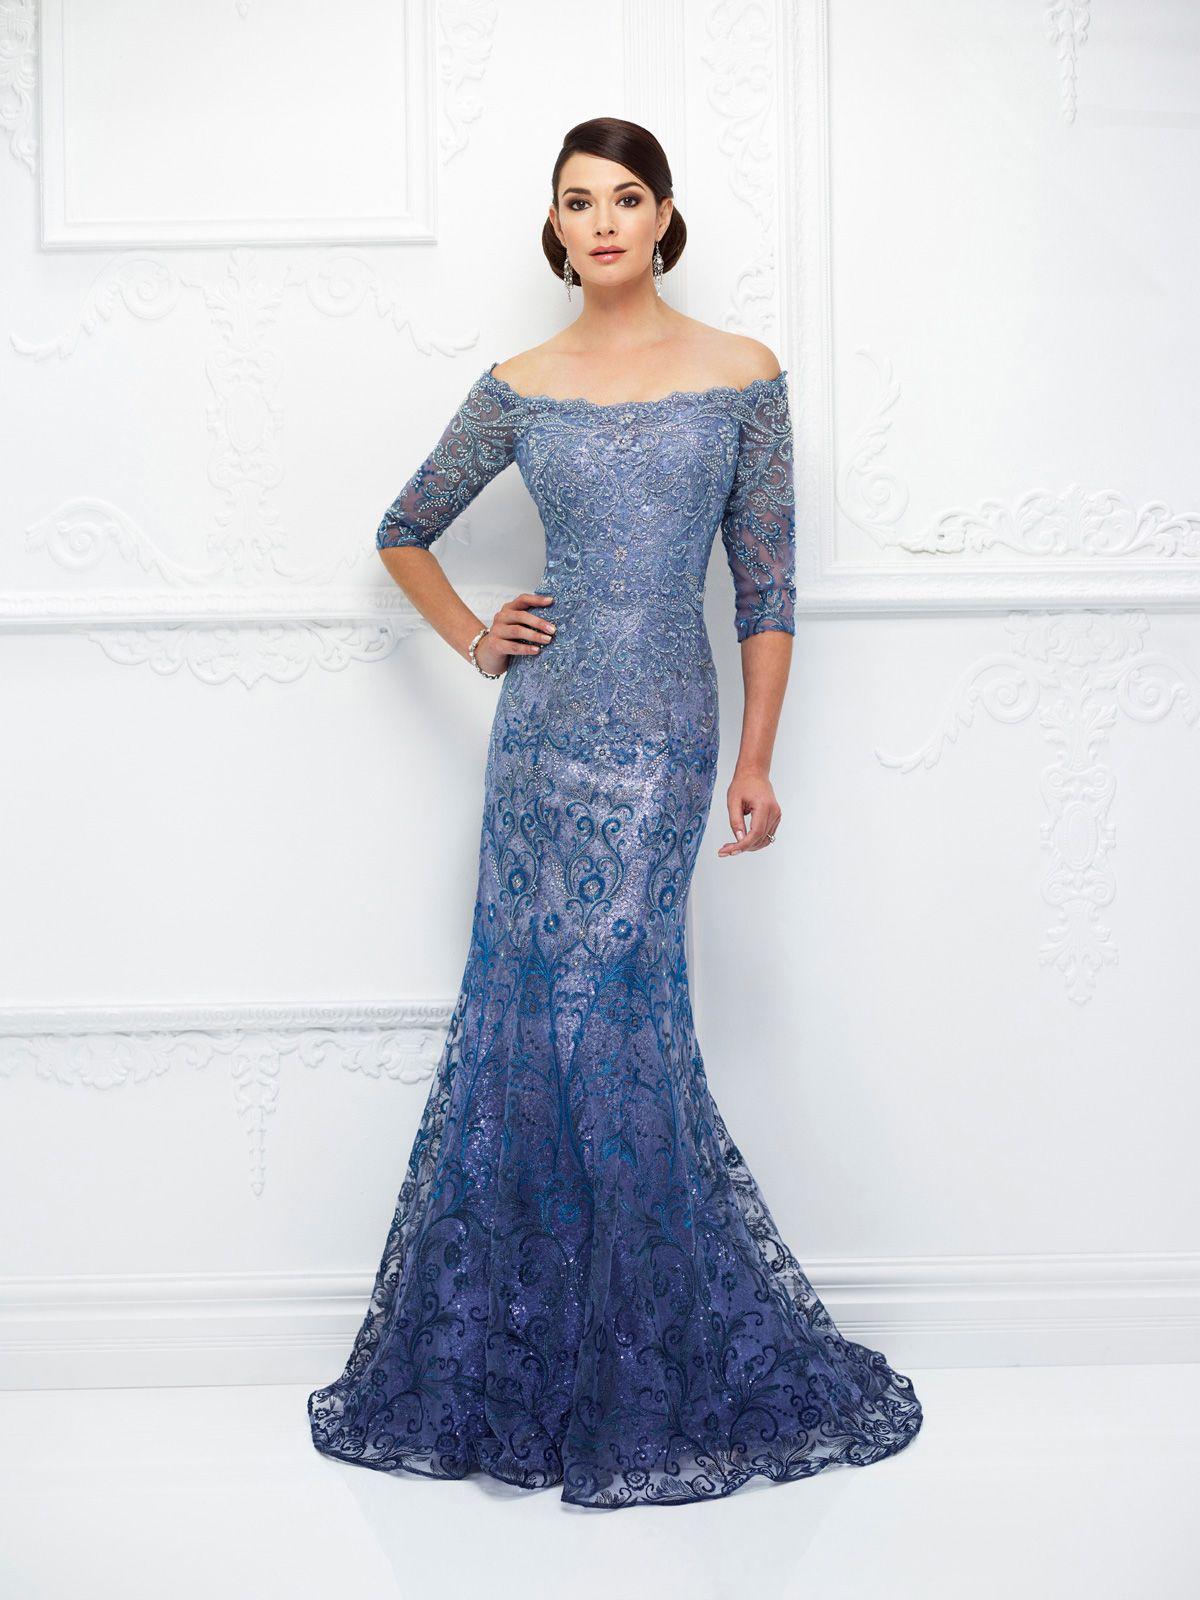 vestido de festa | vestidos en 2018 | Pinterest | Vestidos, Moda y Boda